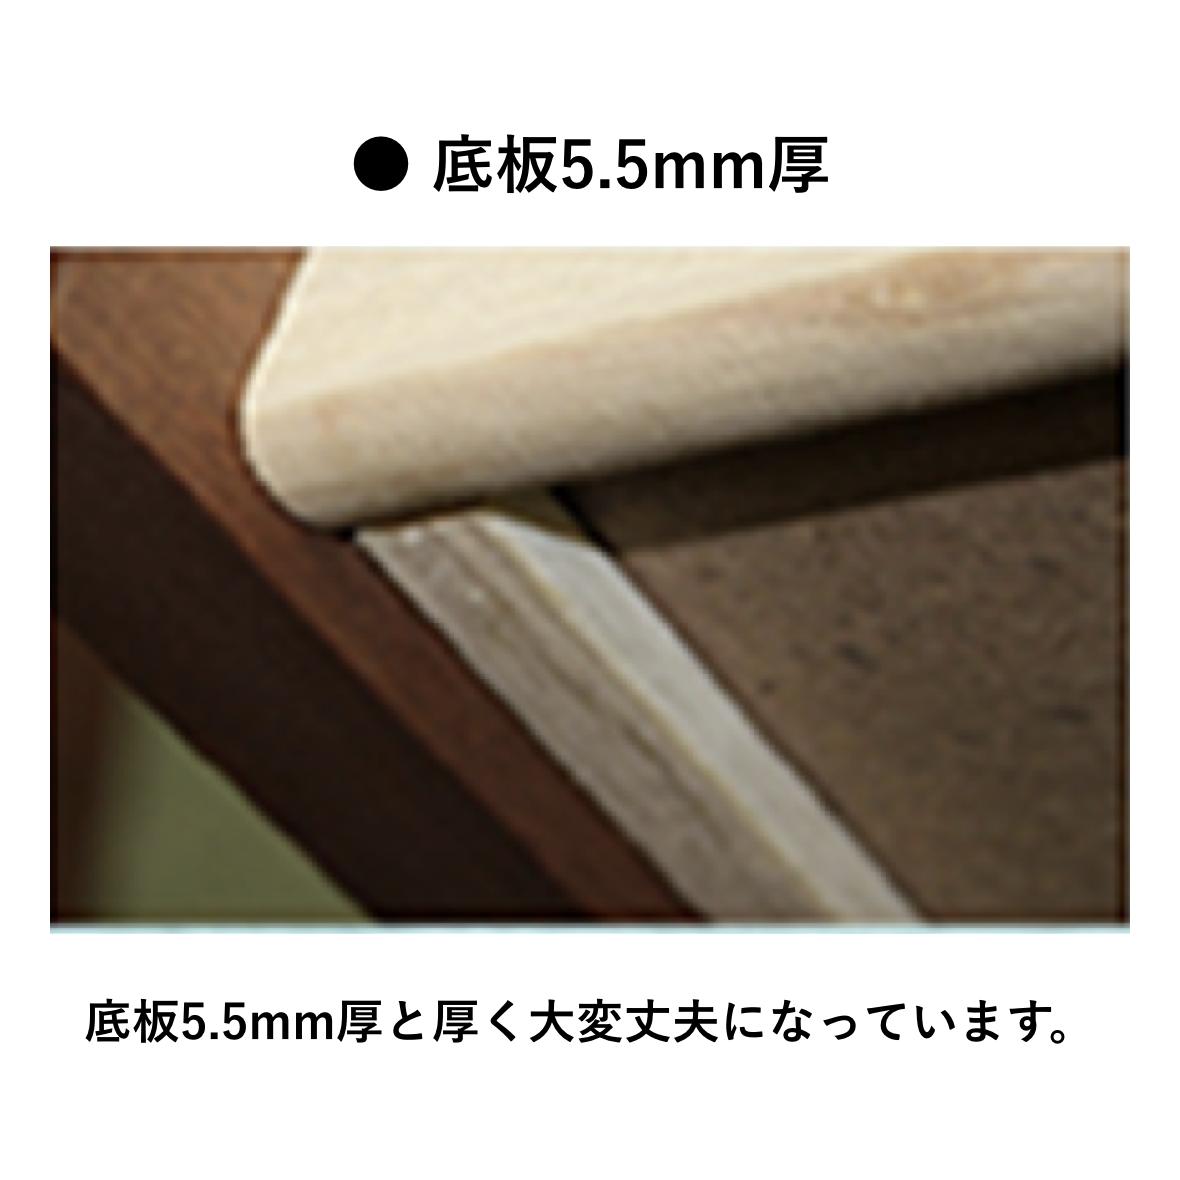 底板5.5mm厚のしっかりとした引出し